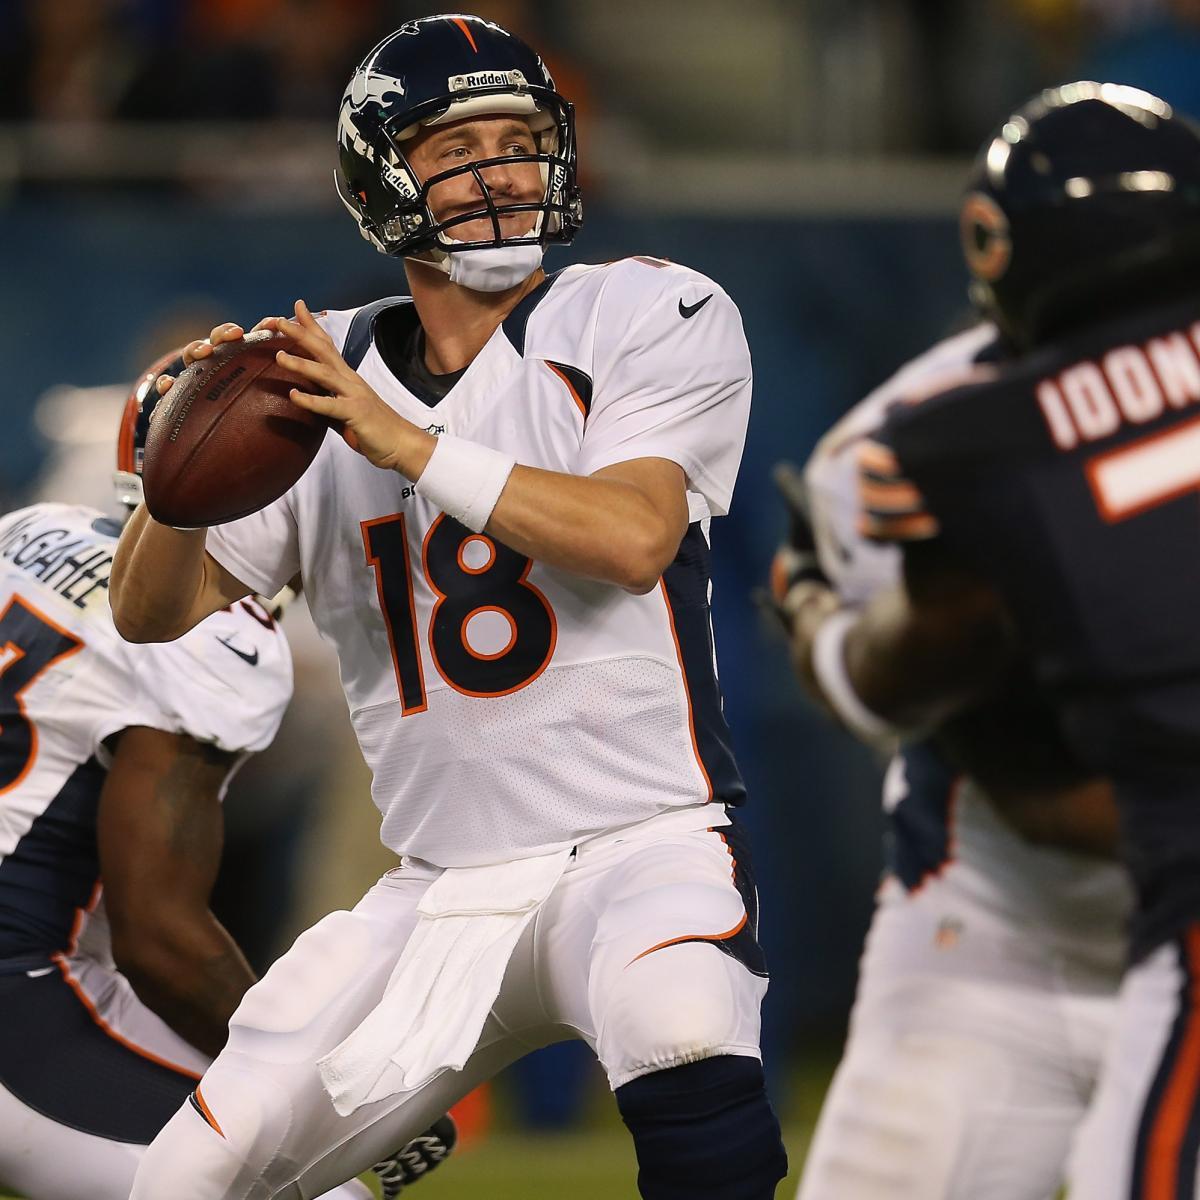 Peyton Manning: Health, Not Performance, Key To Denver